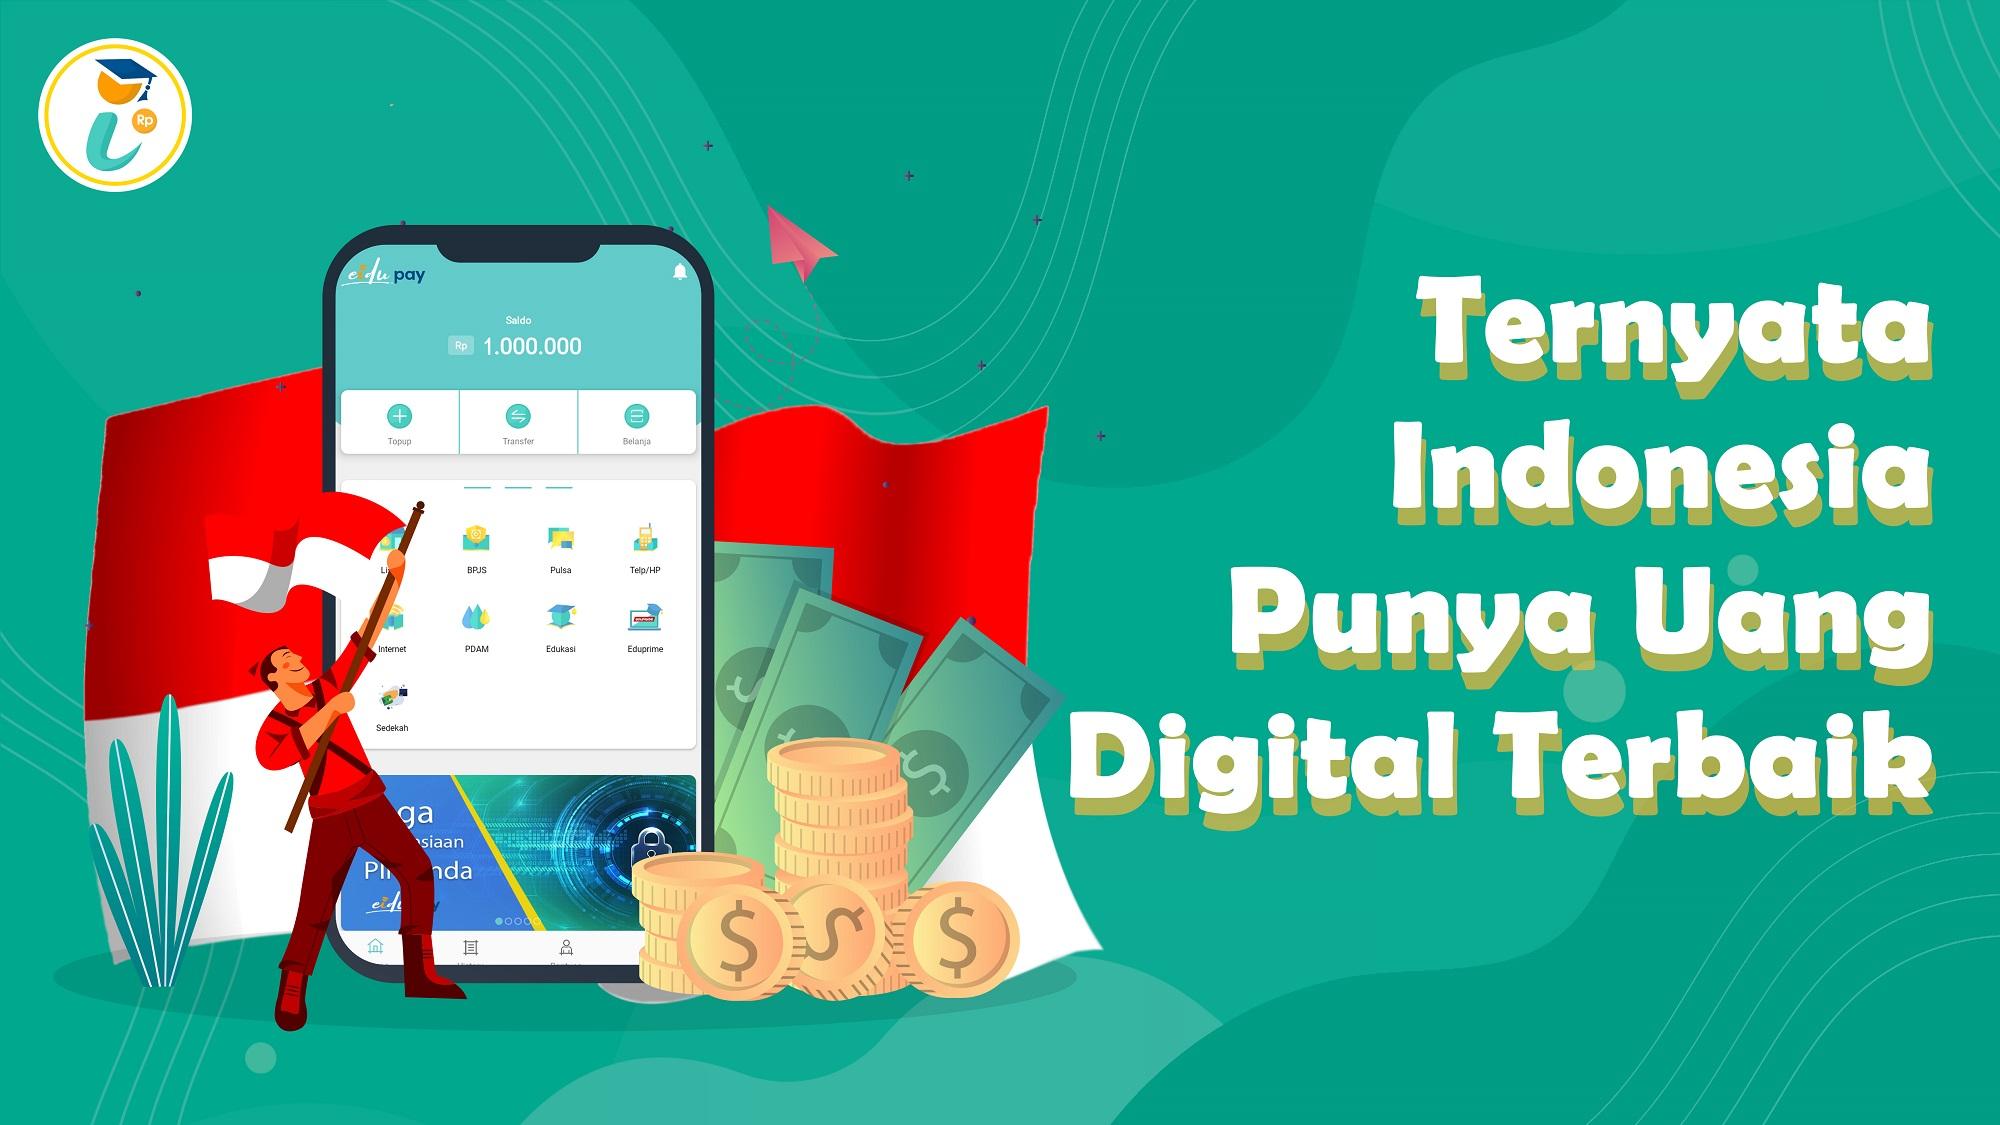 Indonesia Punya Uang Digital Terbaik